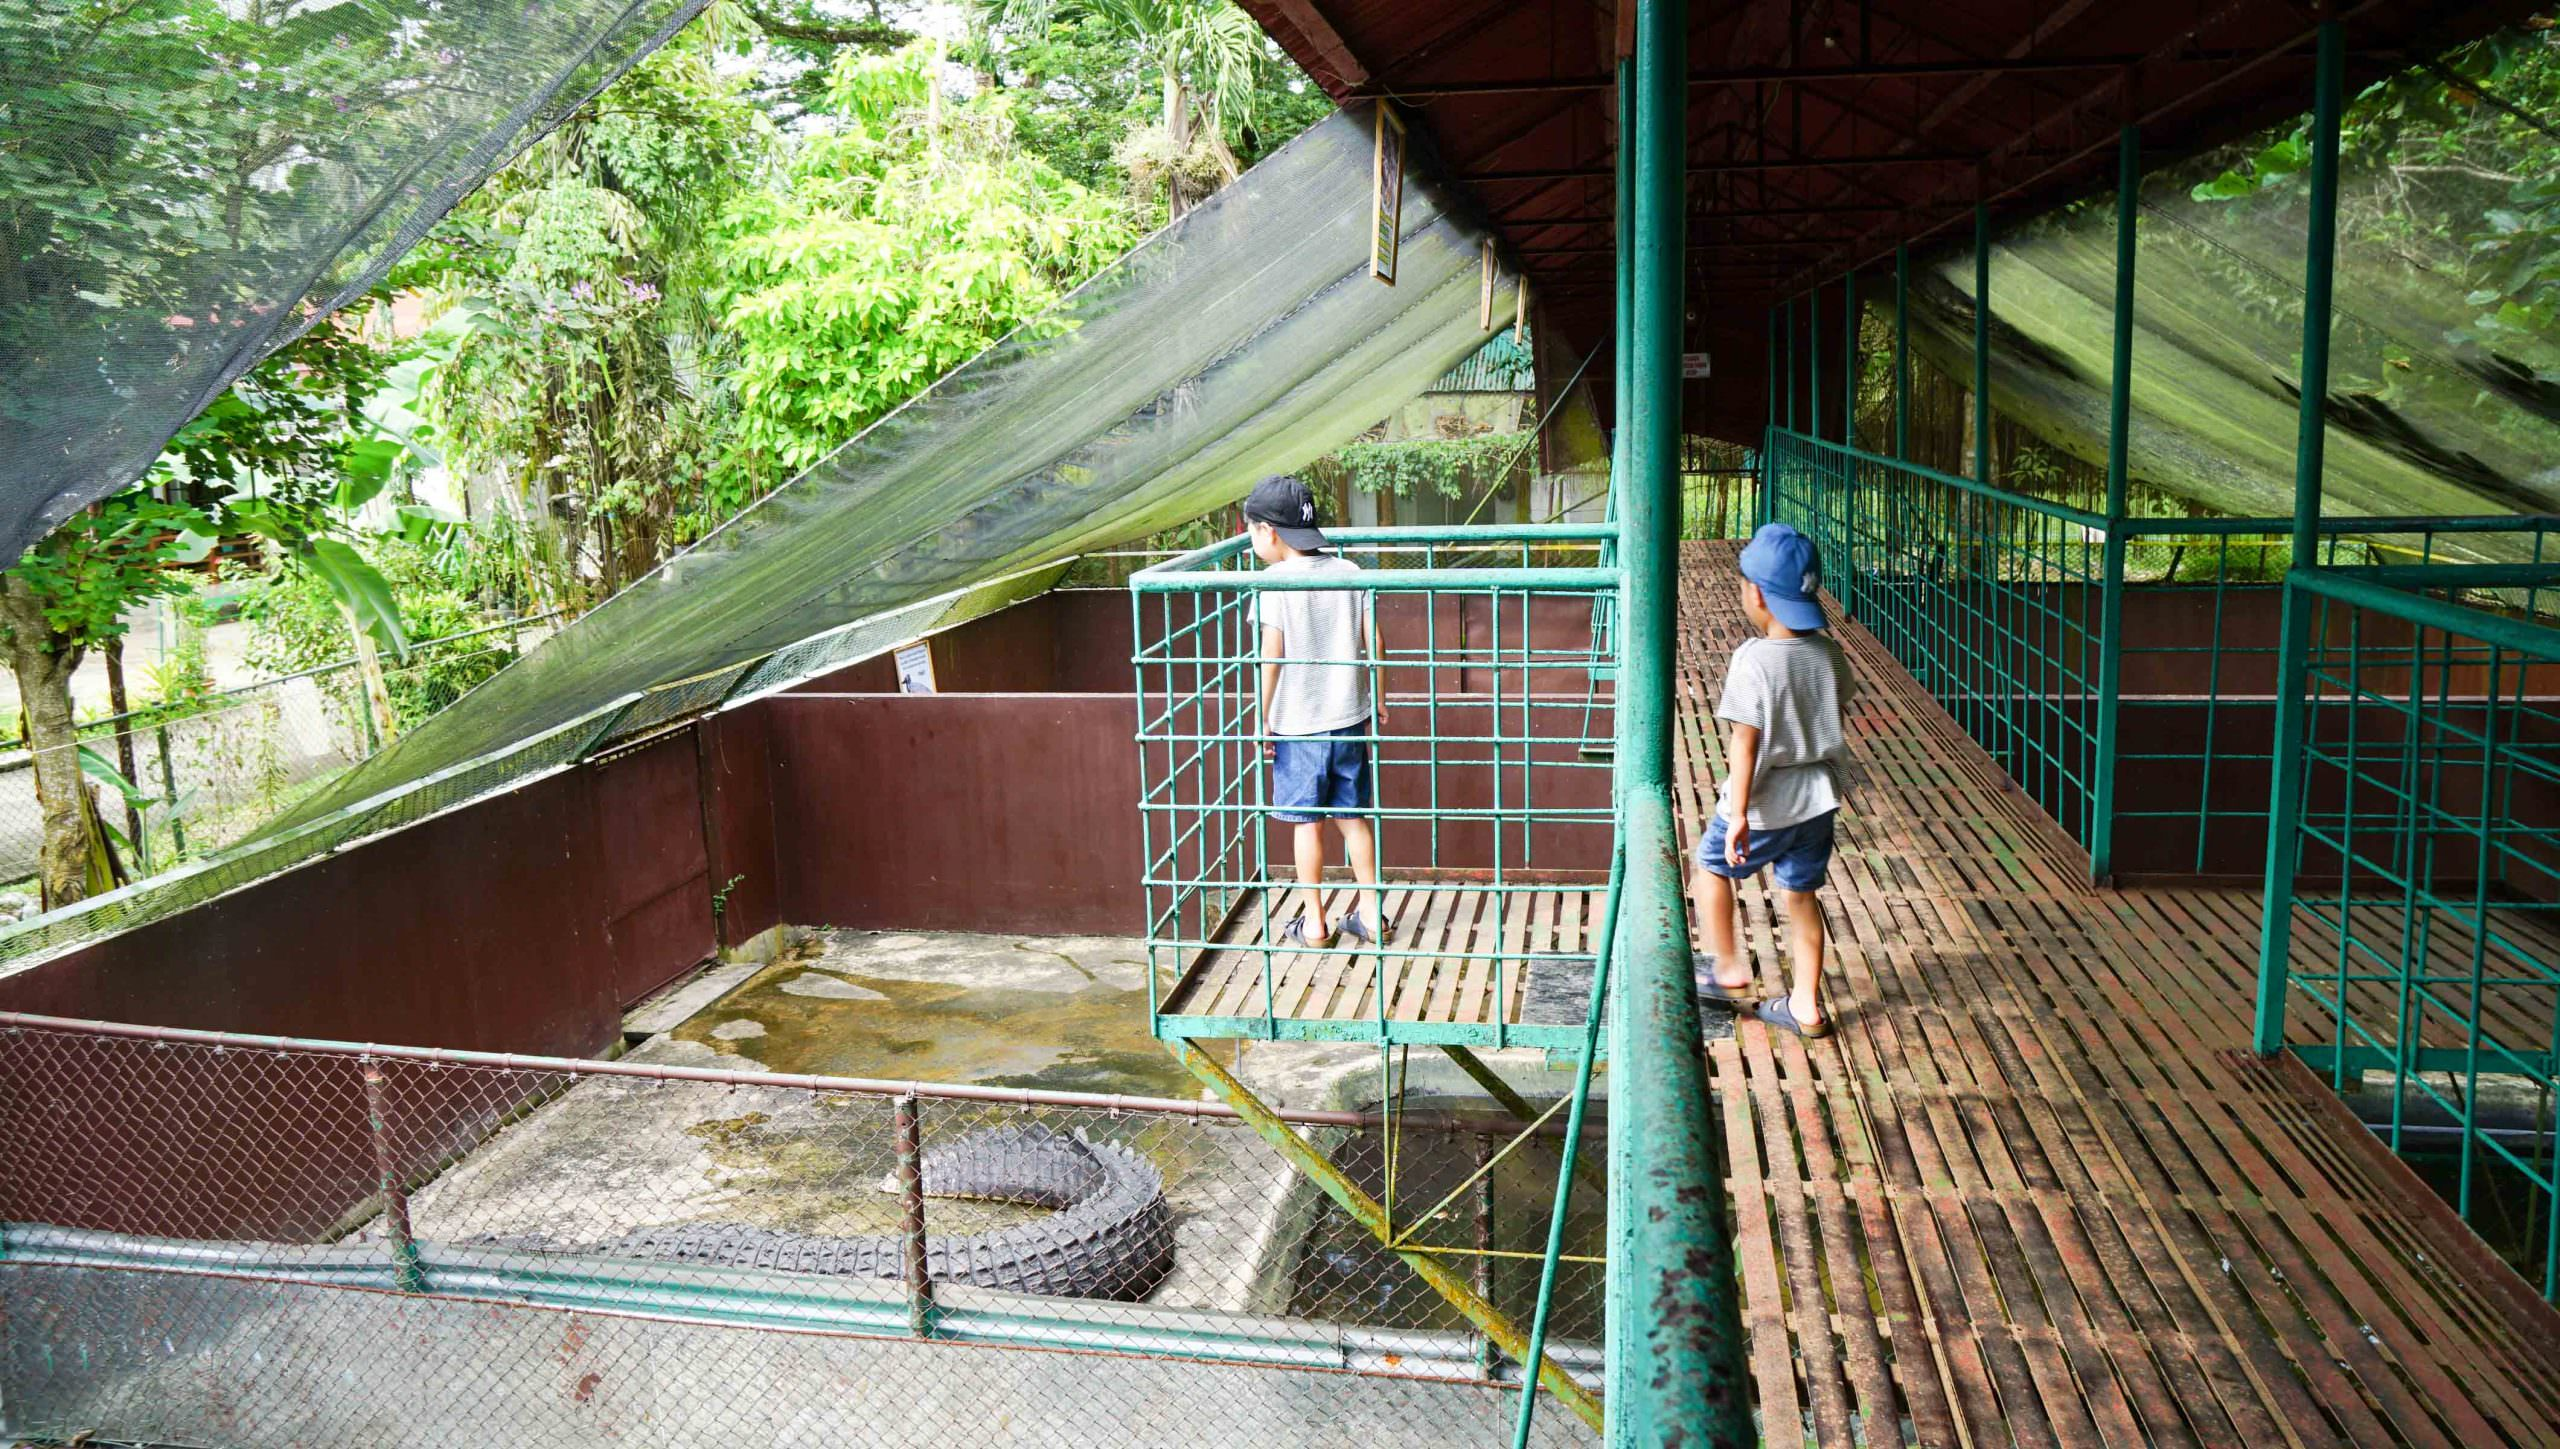 巴拉望親子自由行│公主港行程推薦:全世界最大的鱷魚在這裡!鱷魚養殖場Palawan Wildlife Rescue and Conservation Center (Crocodile Farm)